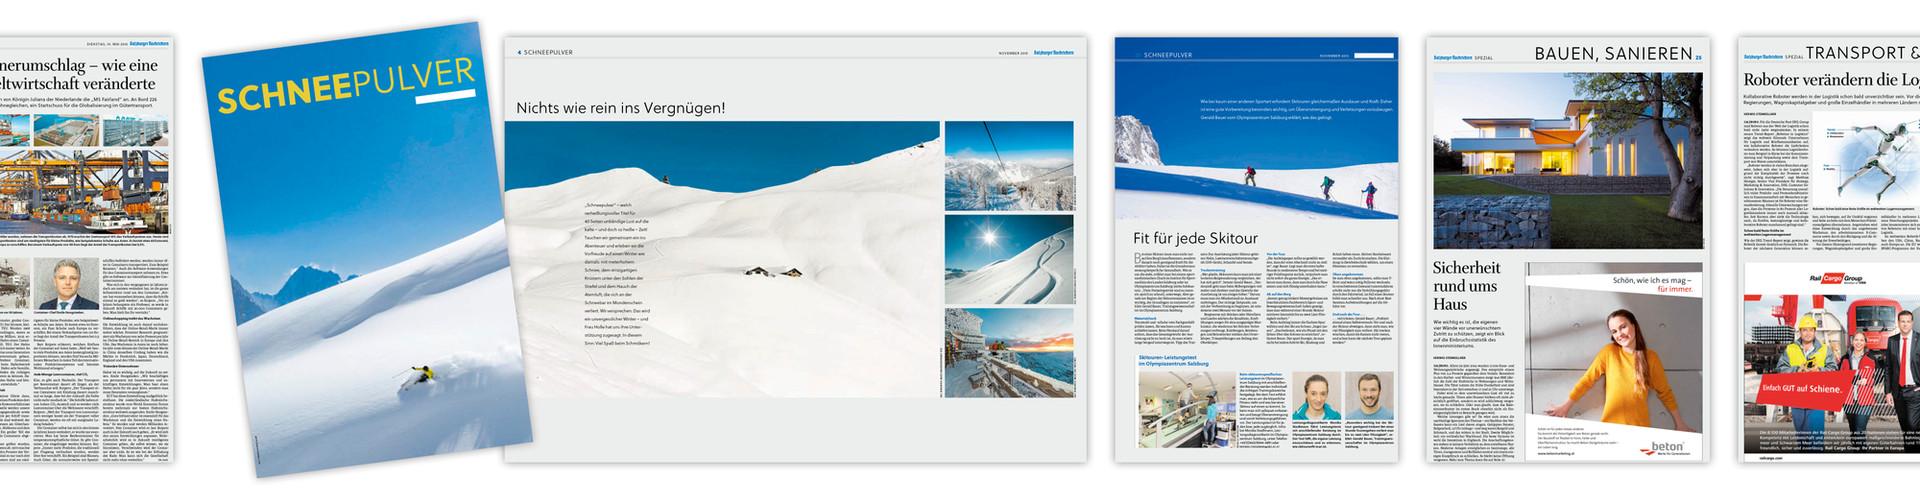 Verlagsbeilagen für die Salzburger Nachrichten